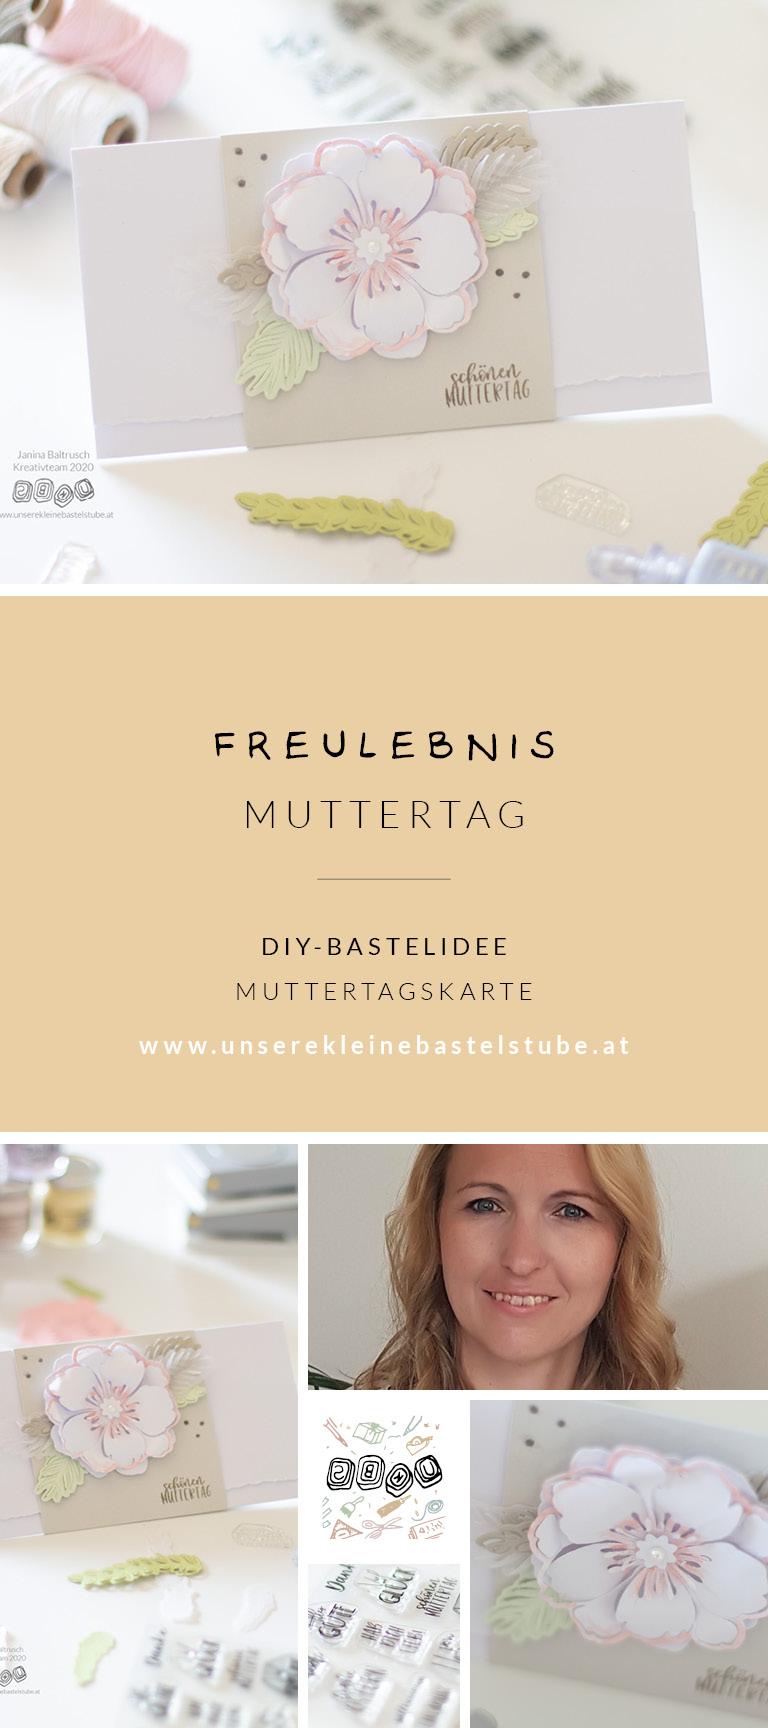 ukbs-diy-karte-zum-muttertag-basteln-selber-machen